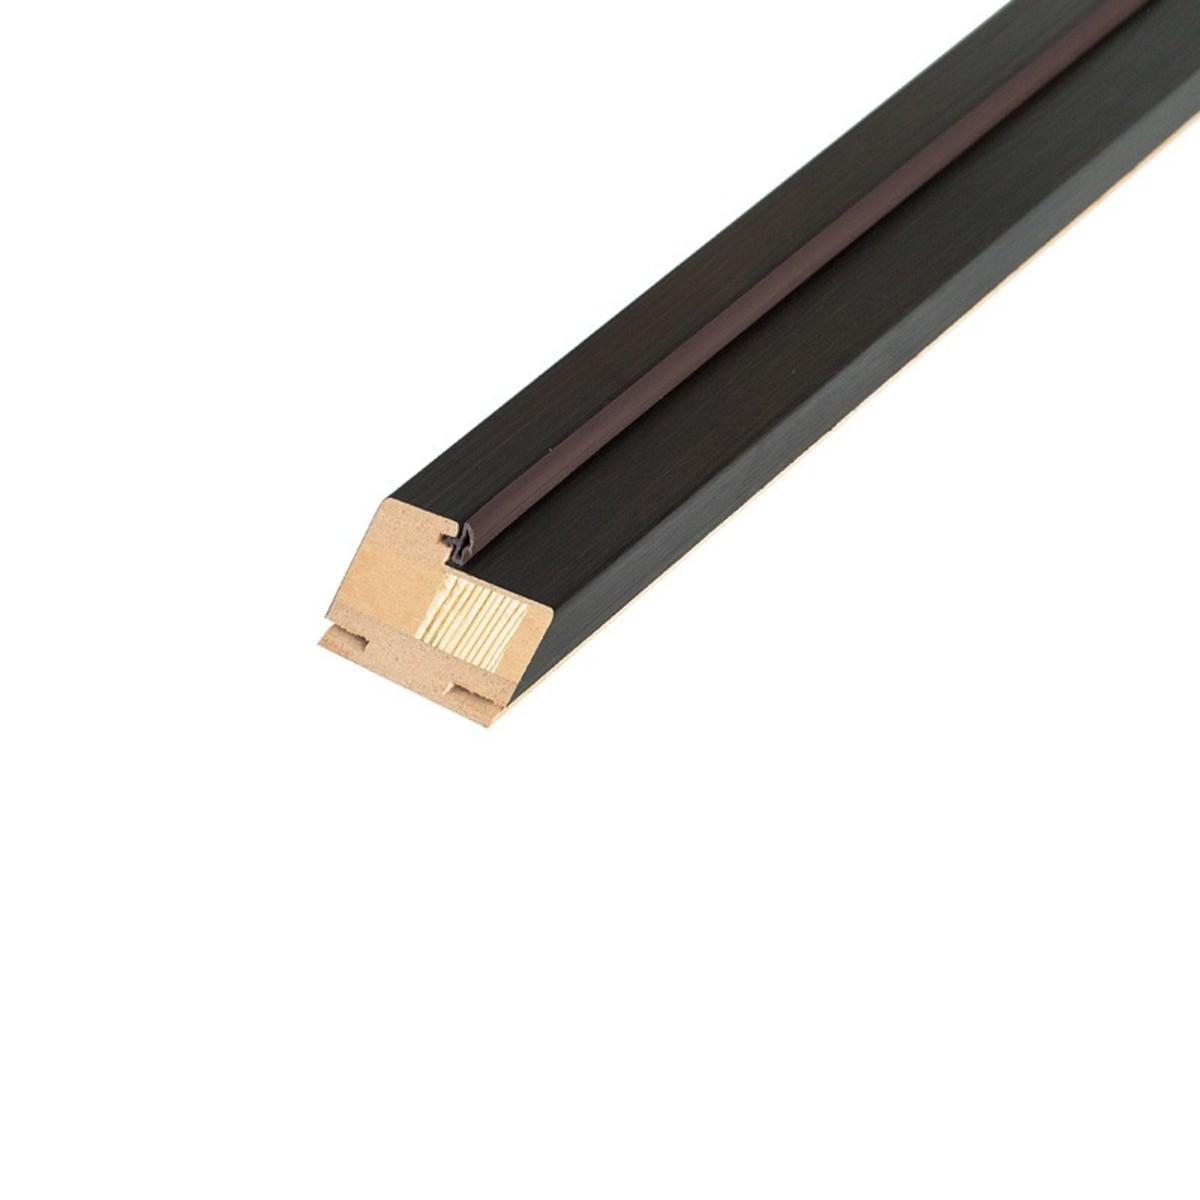 Брус коробочный узкий 80x210 см ламинация цвет венге